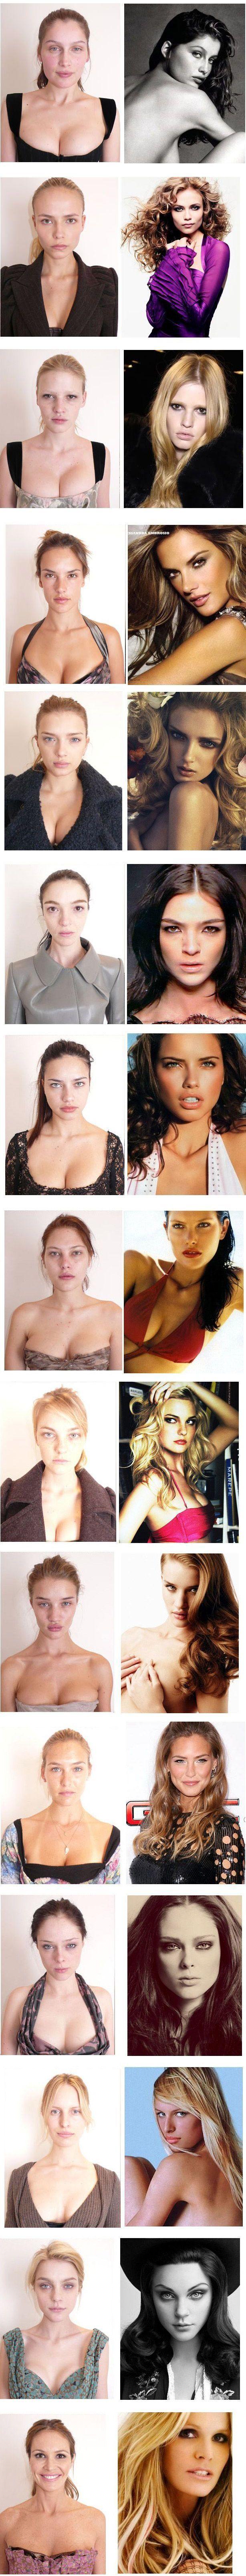 Victoria's secret models without make up